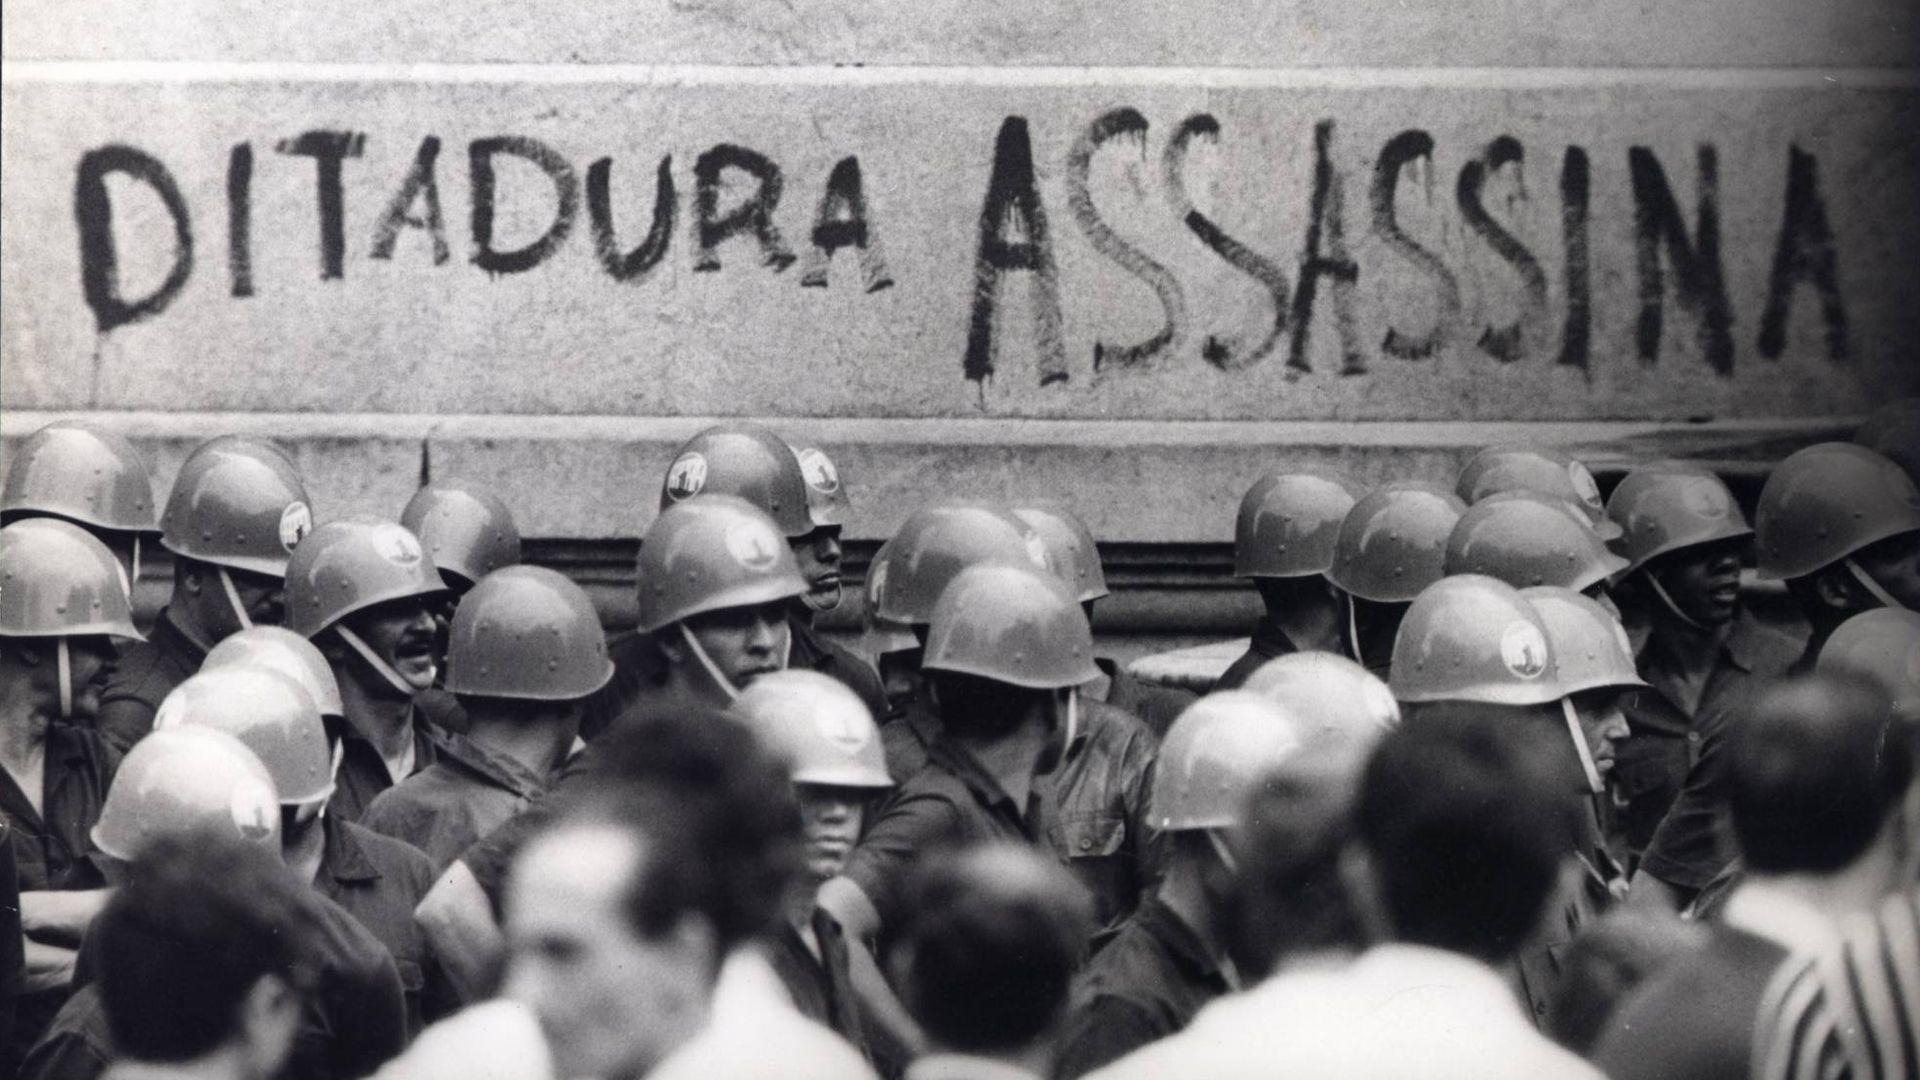 Protesto no Rio de Janeiro em 1968, durante a ditadura militar